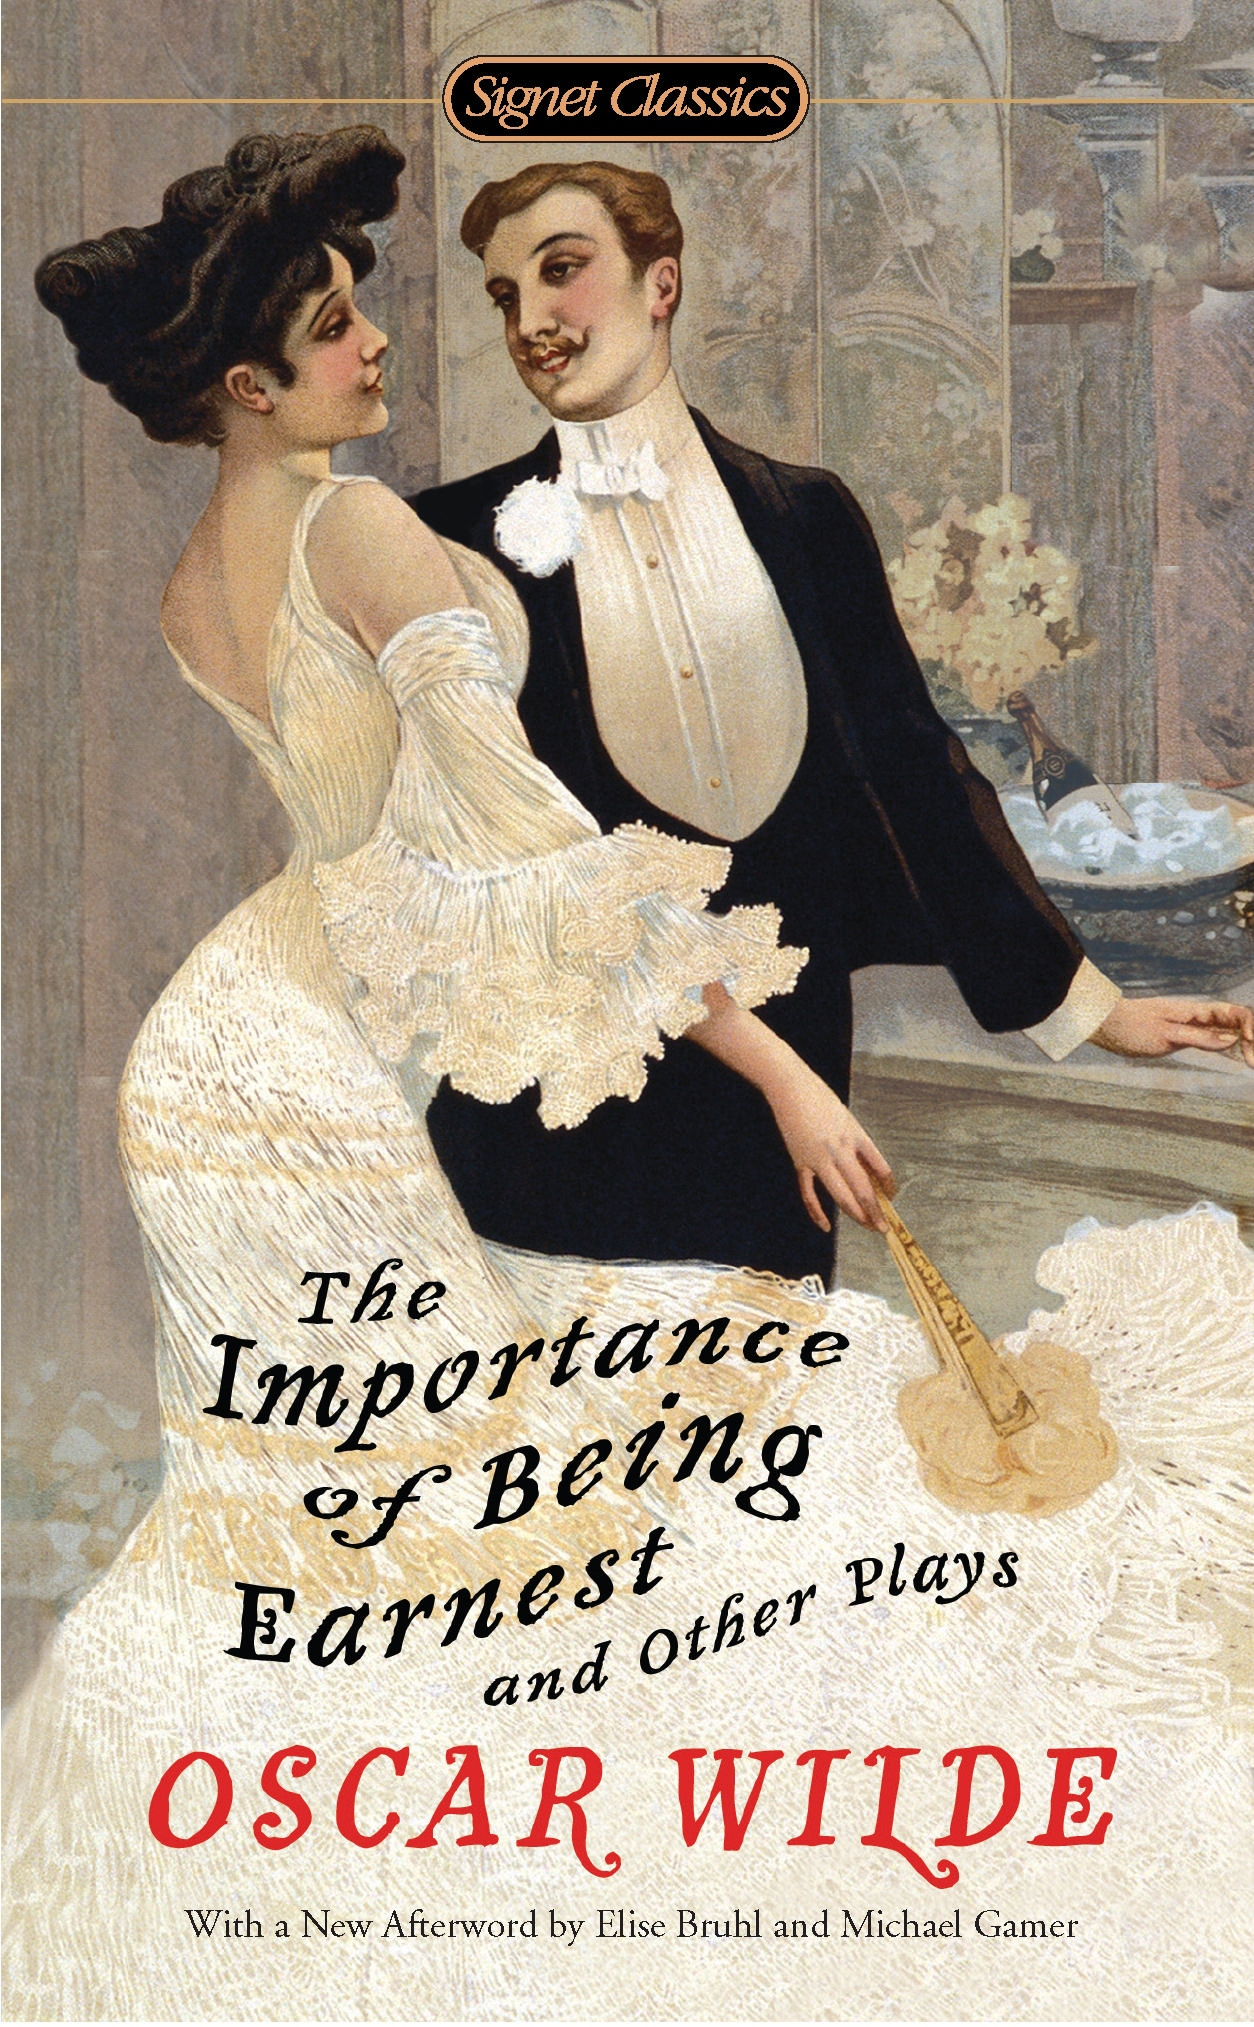 The Importance of Being Earnest by Oscar Wilde.jpg